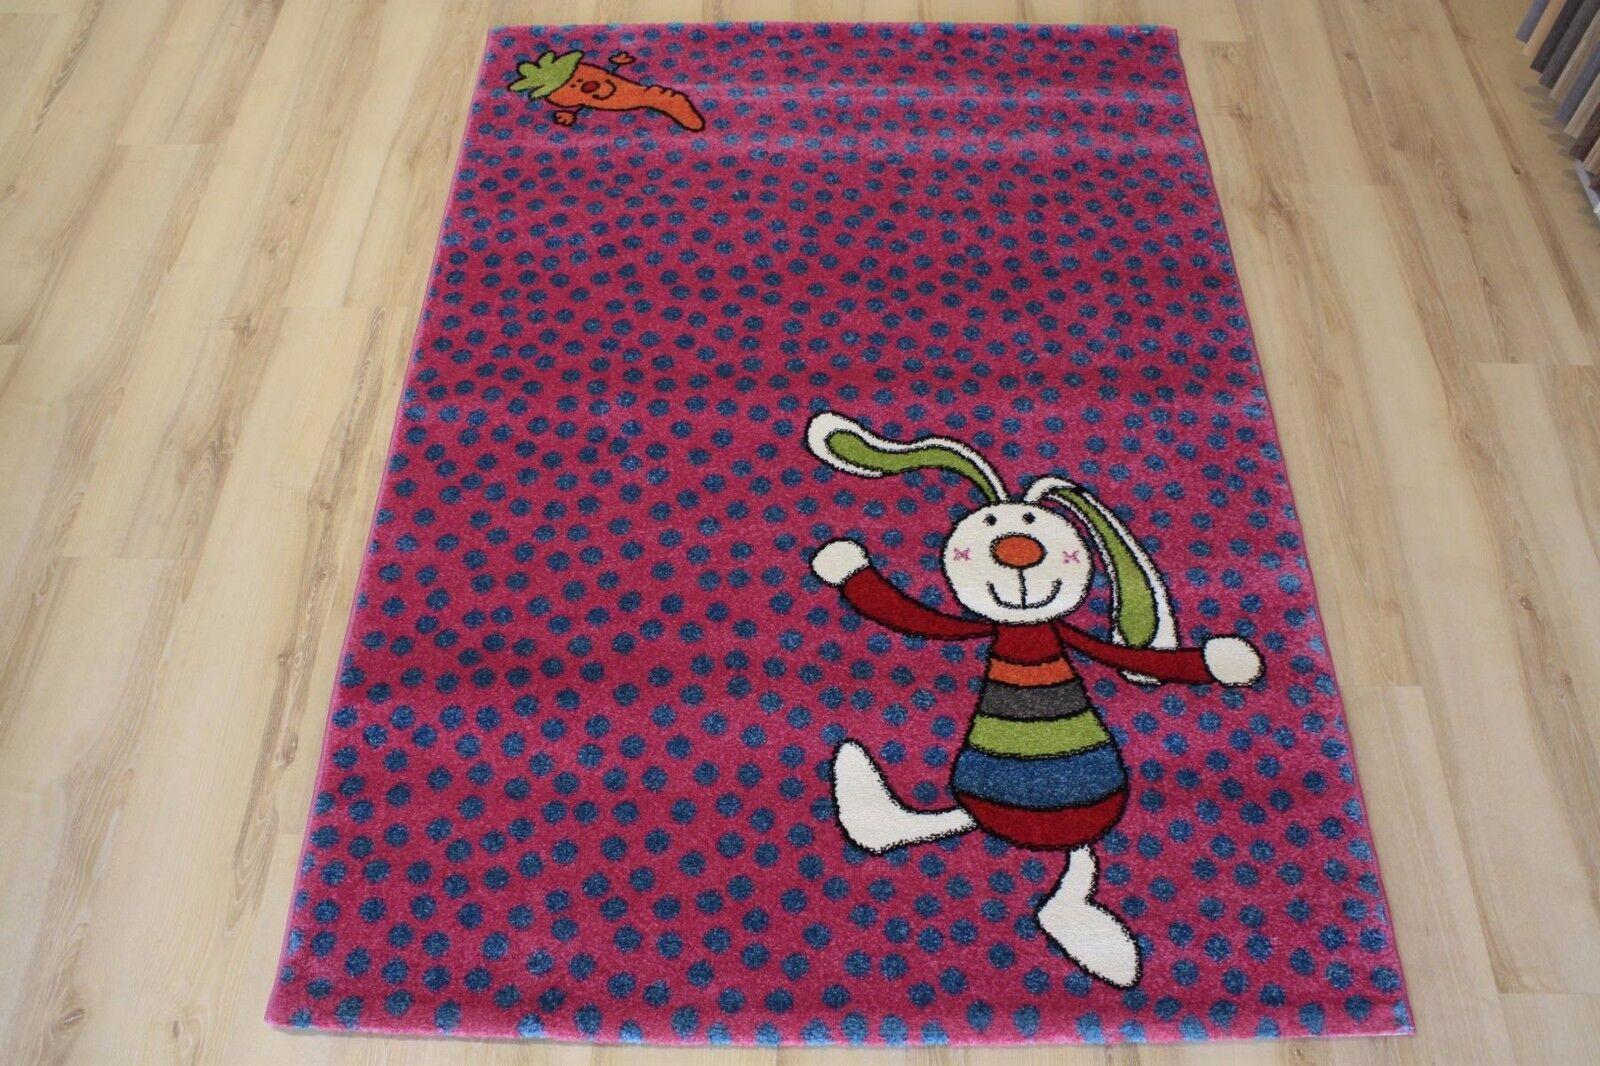 Enfants tapis jeu tapis sigikid sk-0523-03 rainbow rabbit 200x290 cm rose